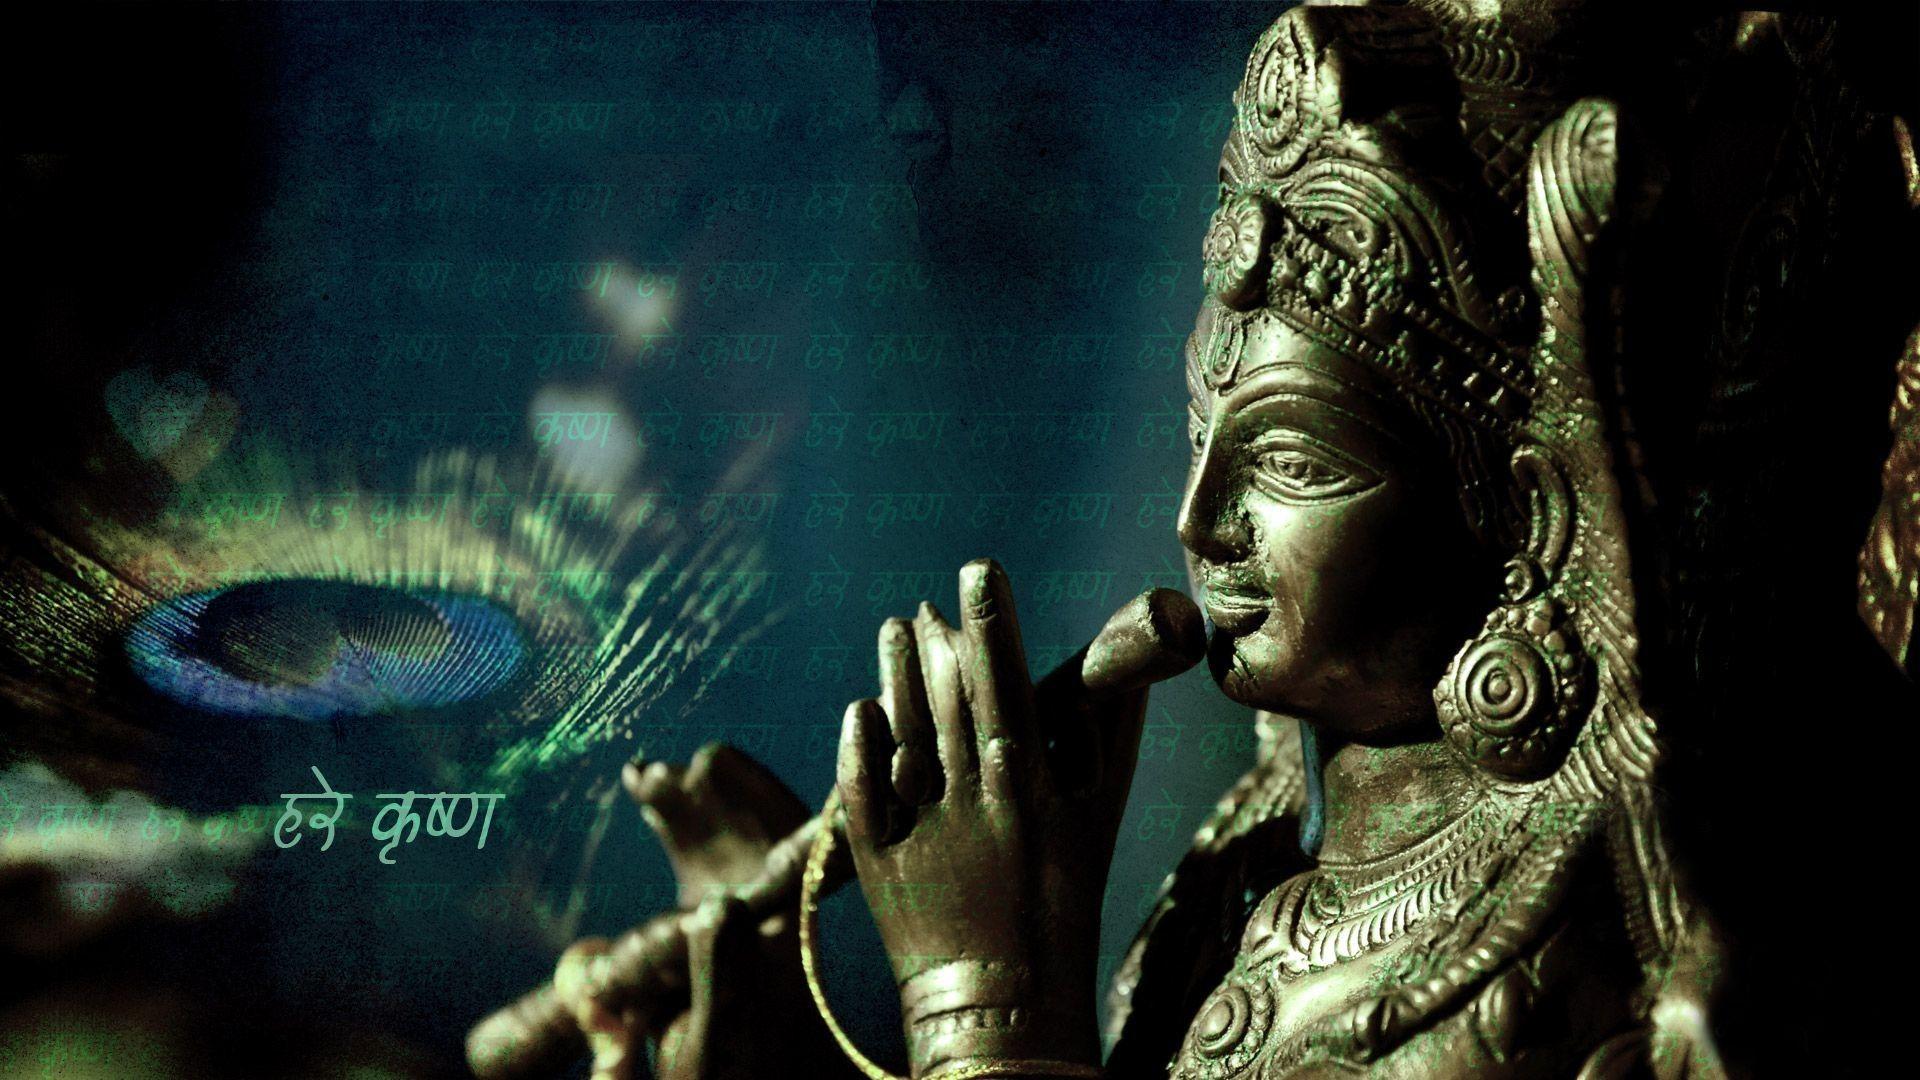 Inspirational Flute Hd Wallpaper Lord Krishna Wallpapers Lord Krishna Hd Wallpaper Krishna Wallpaper